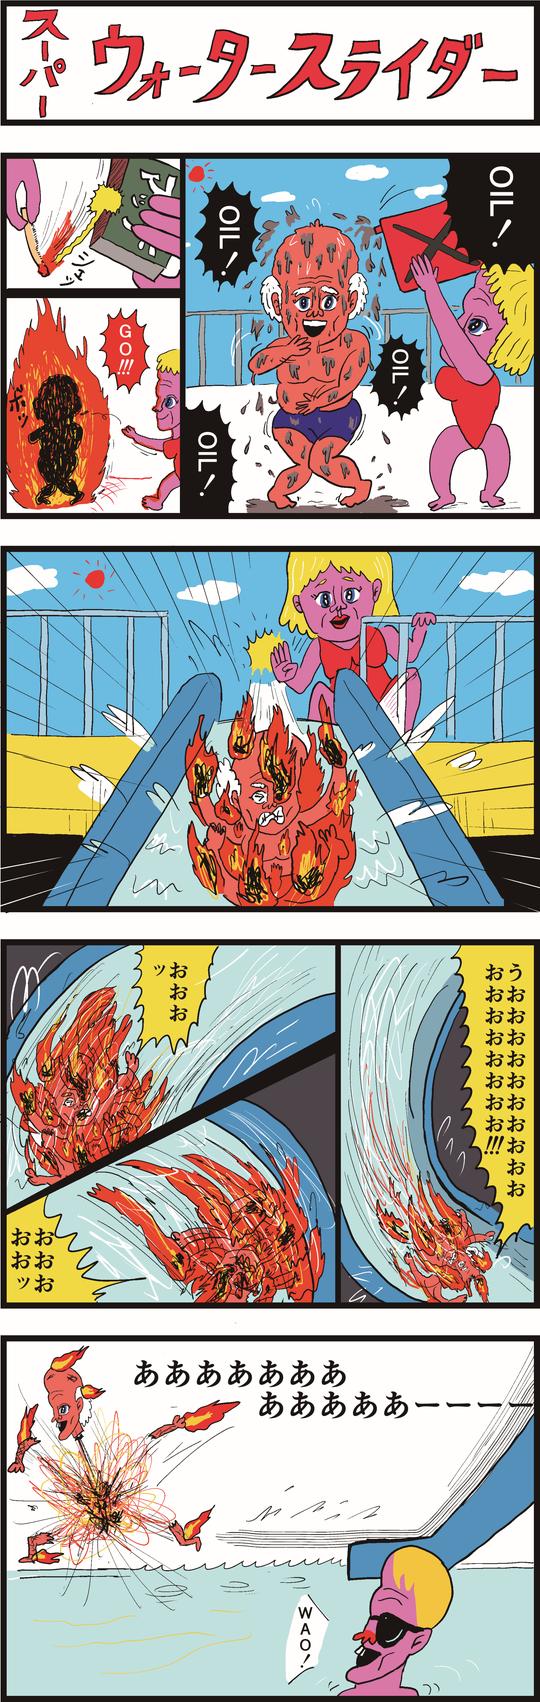 【4コマ漫画】スーパーウォータースライダー